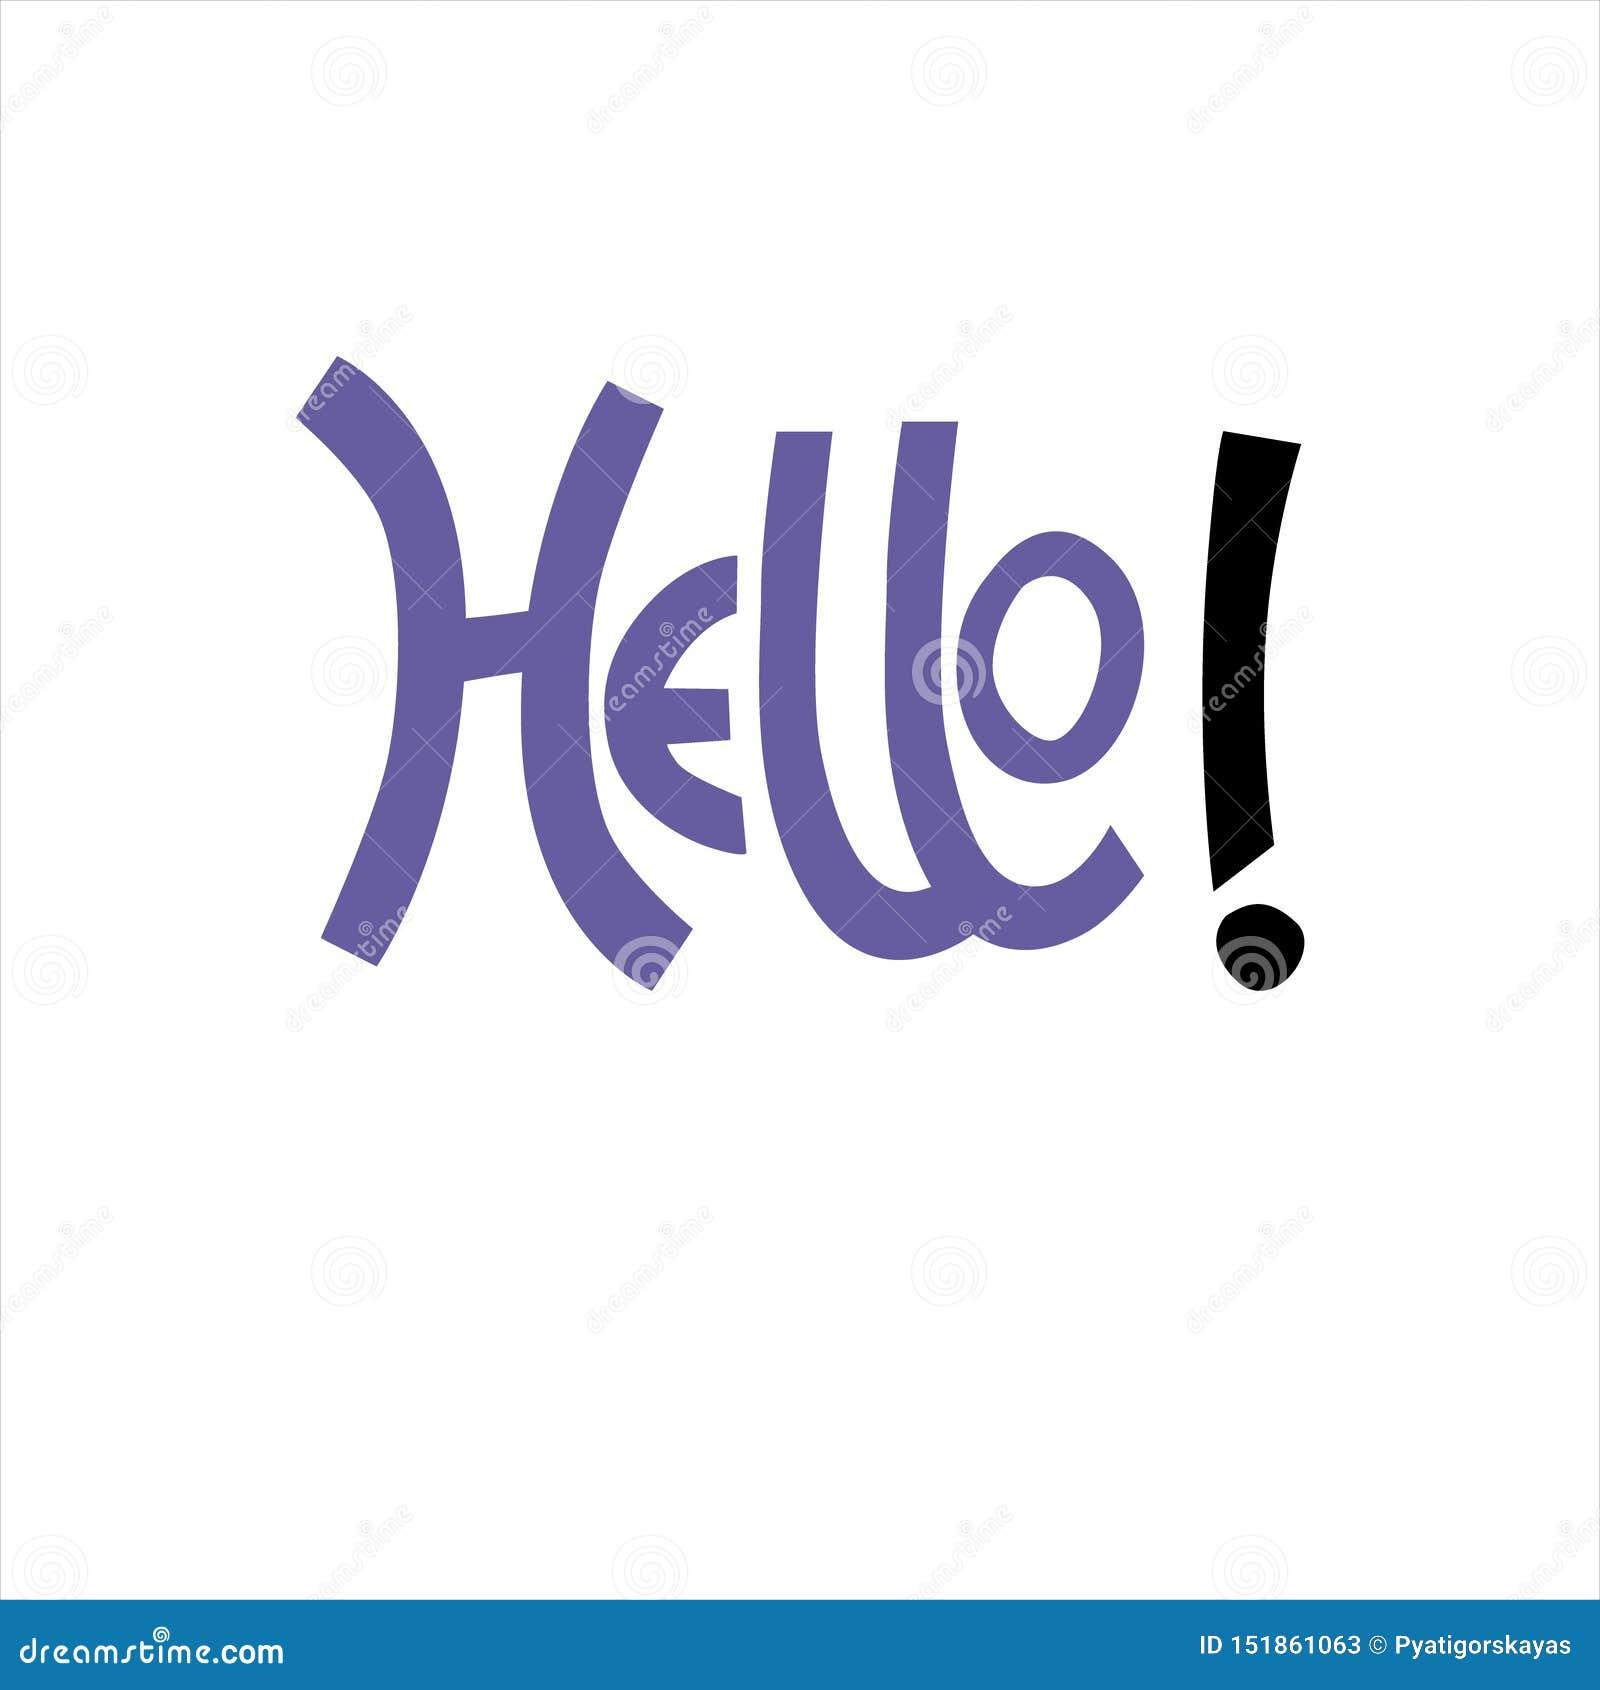 Χέρι-γραμμένη uplifting γειά σου φράση στο μπλε χρώμα για την αυτοκόλλητη ετικέττα, κάρτα, μπλούζα, έμβλημα, κοινωνικά μέσα